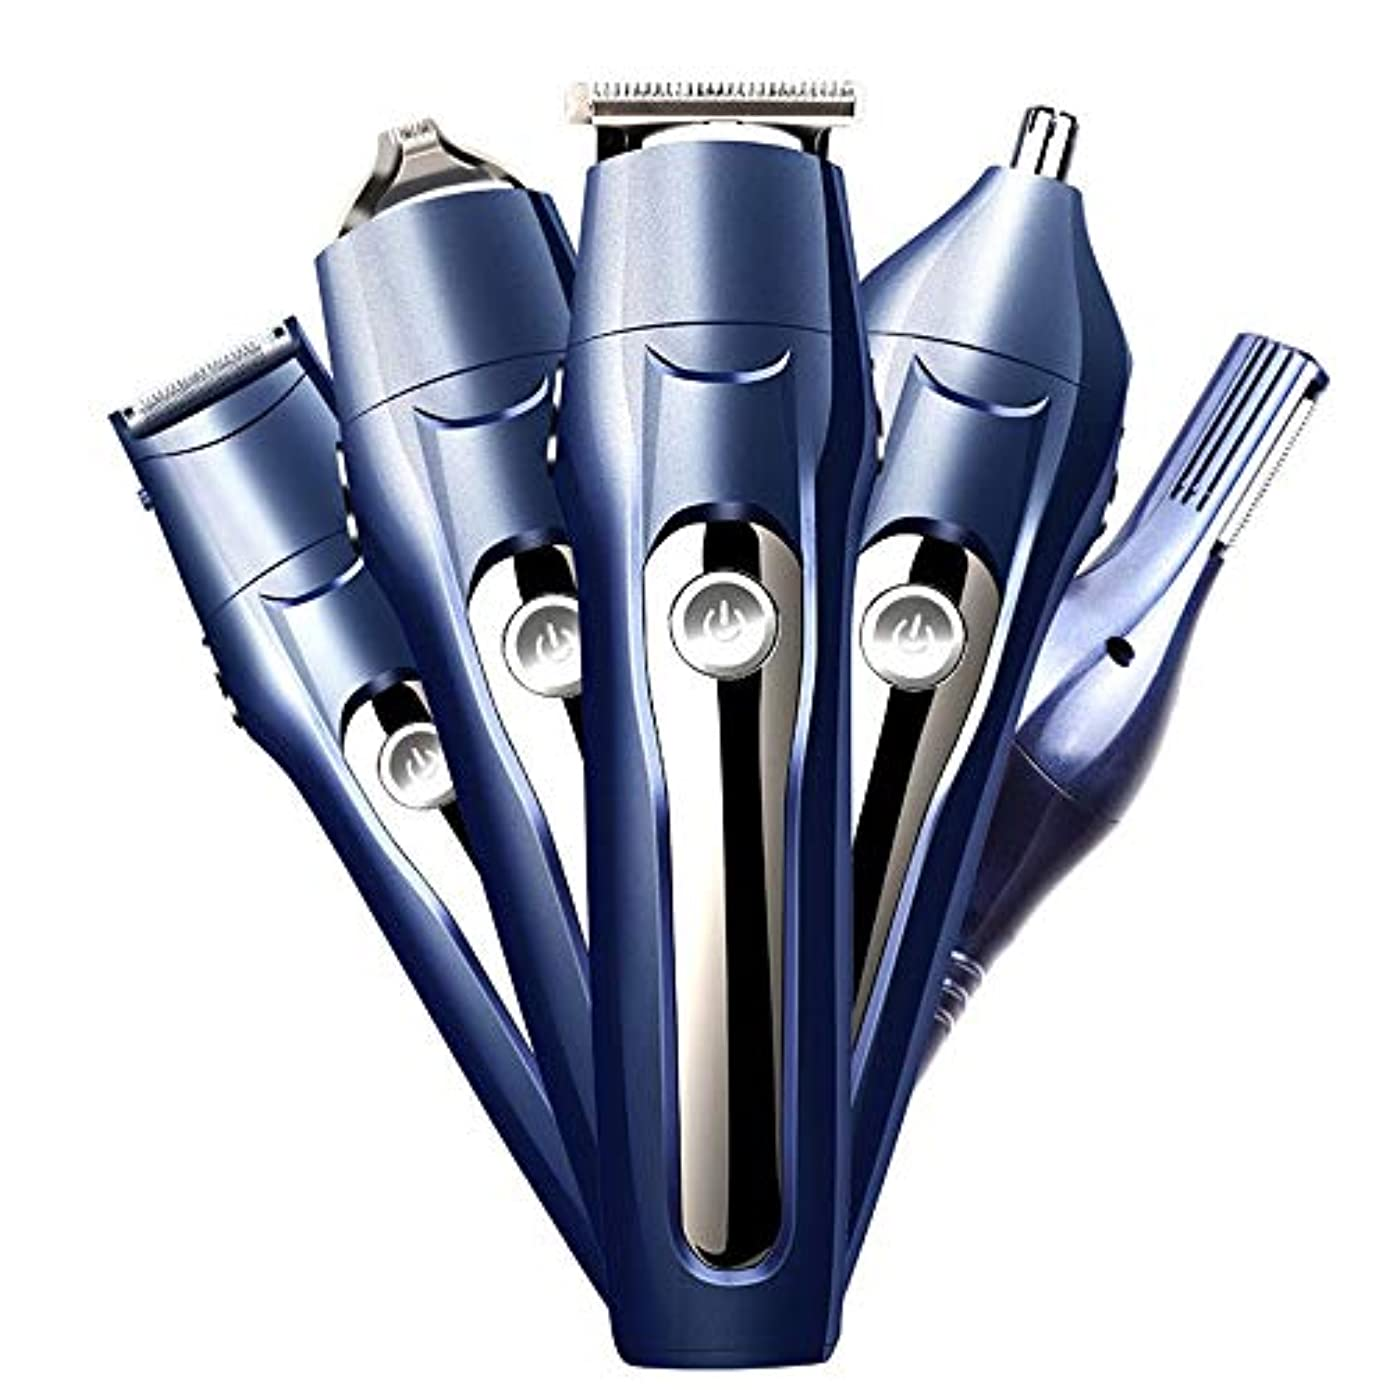 定説バナー関税鼻毛カッター はなげカッター 5-IN-1ノーズトリマーアタッチメント付きマルチグルーミングキットのひげと髪 (Color : Blue, Size : US)